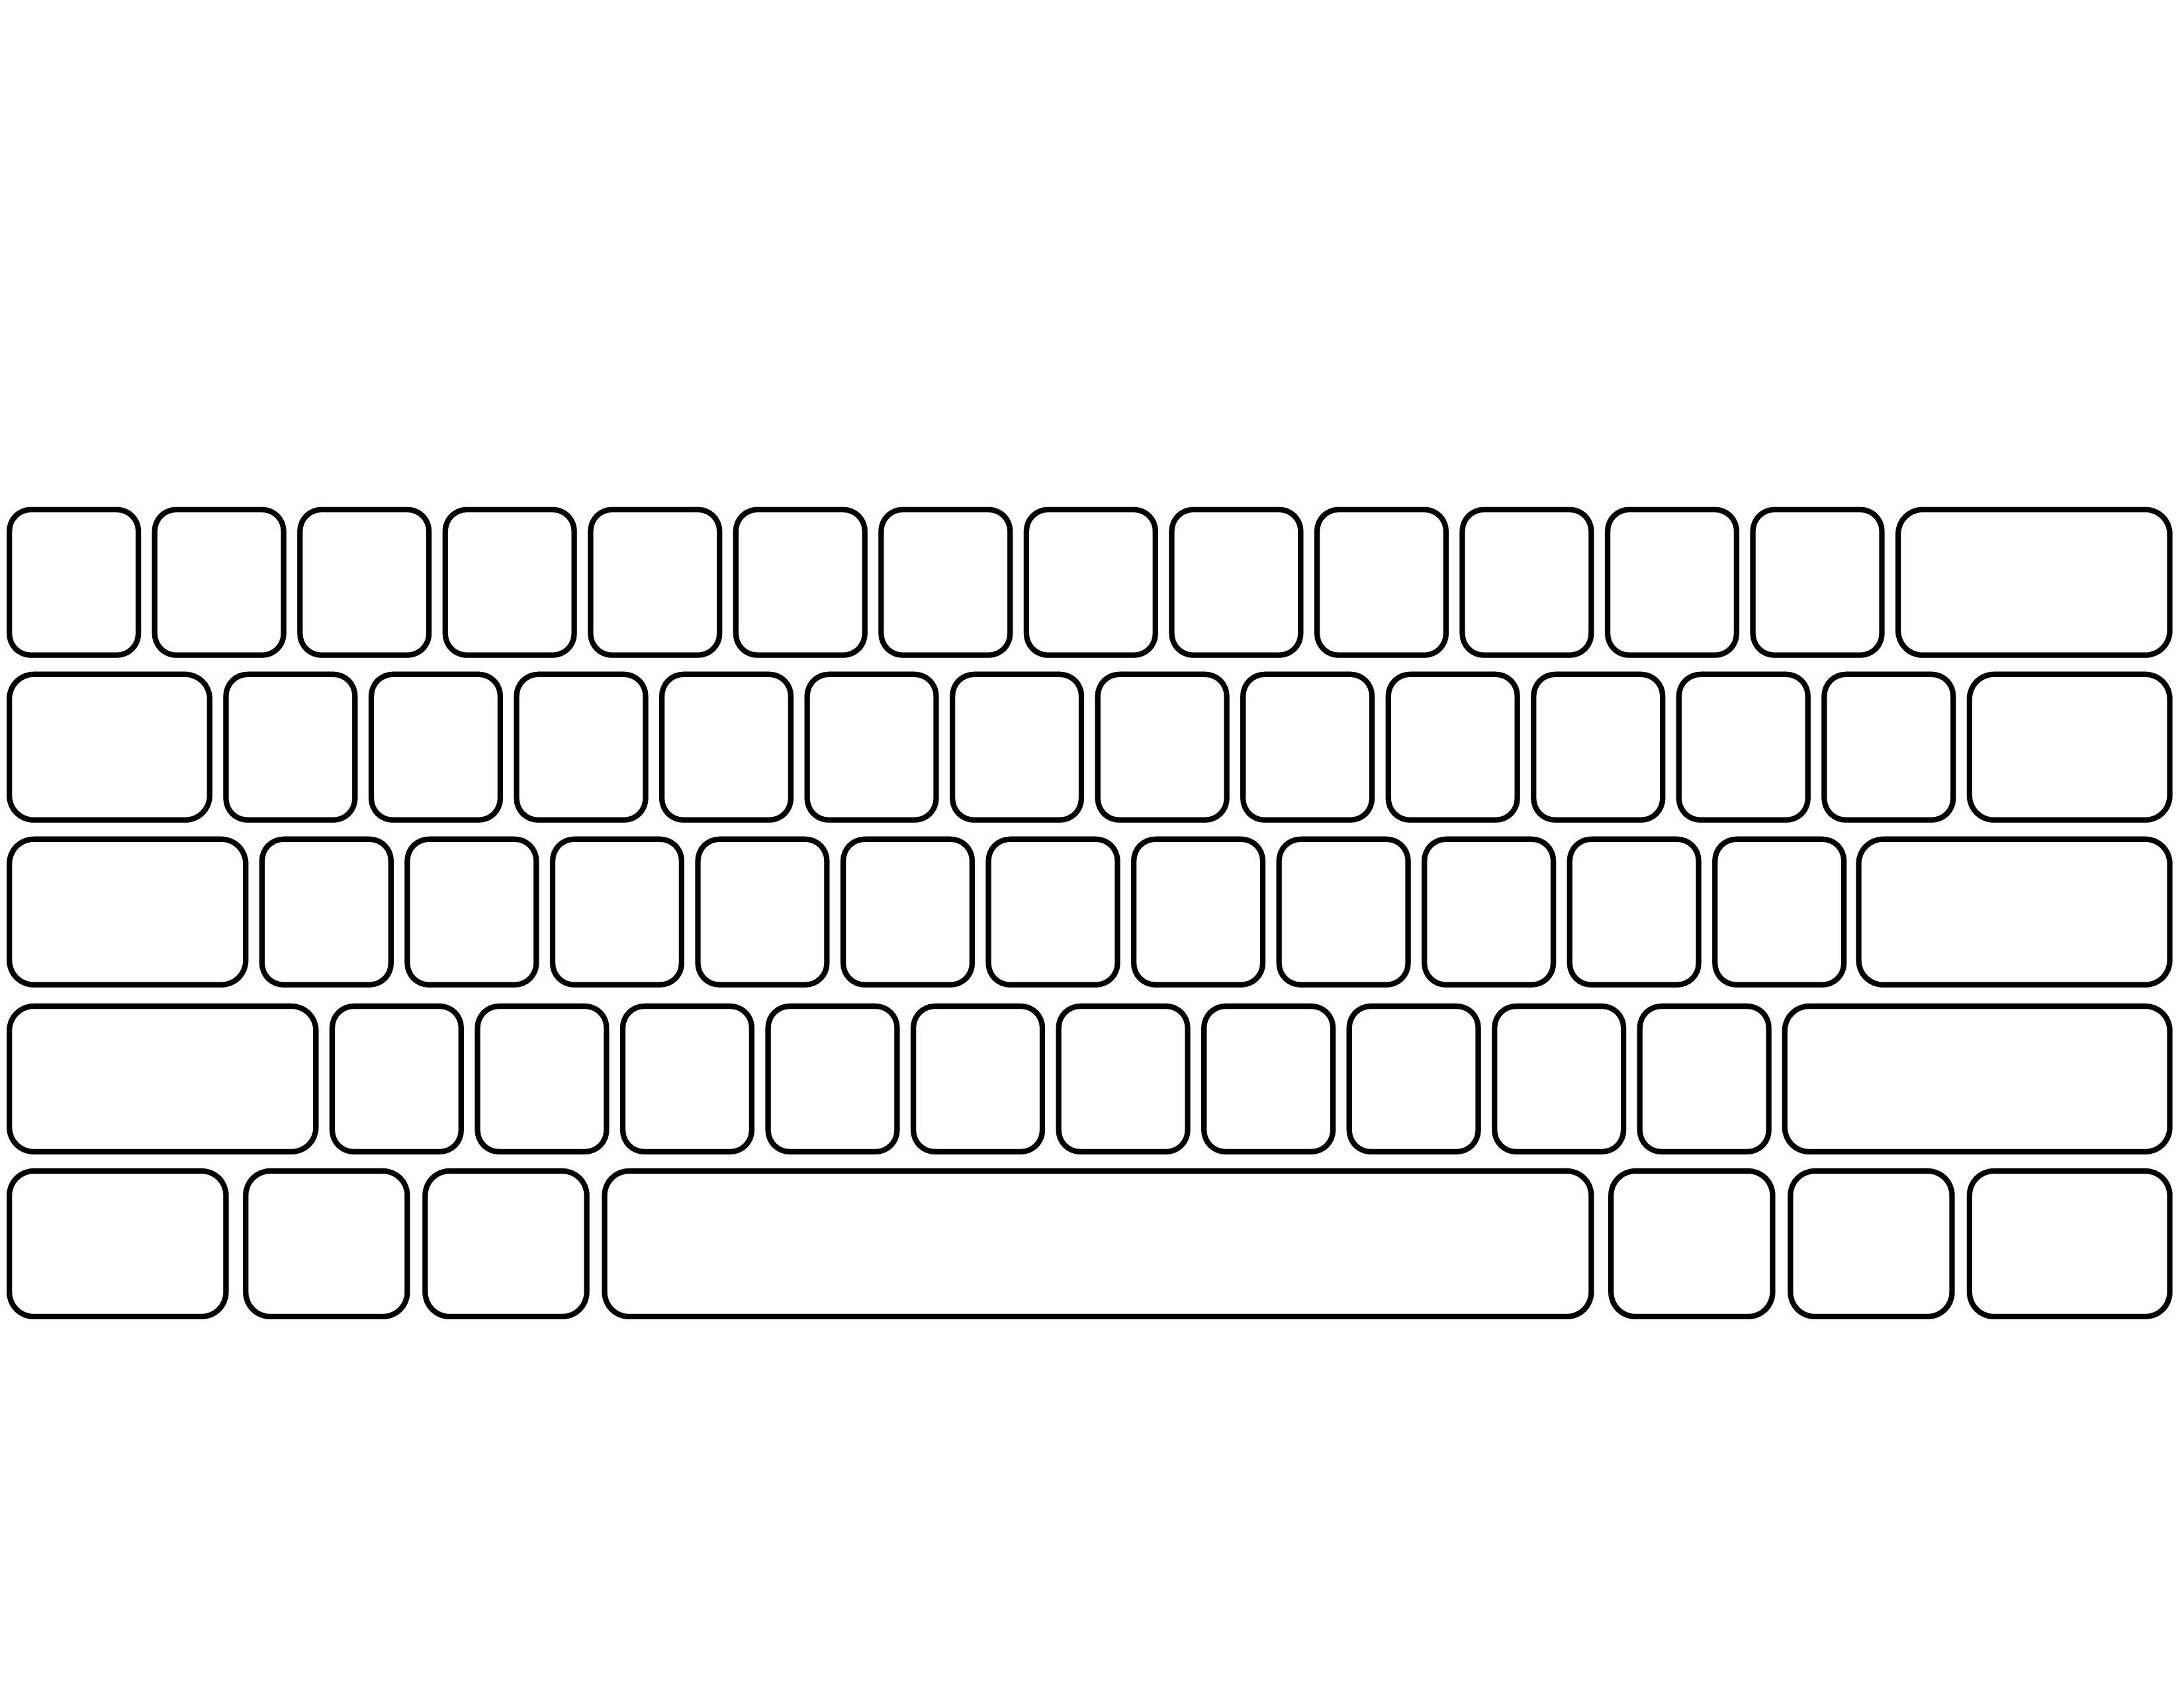 Fill In The Blank Keyboard Worksheet